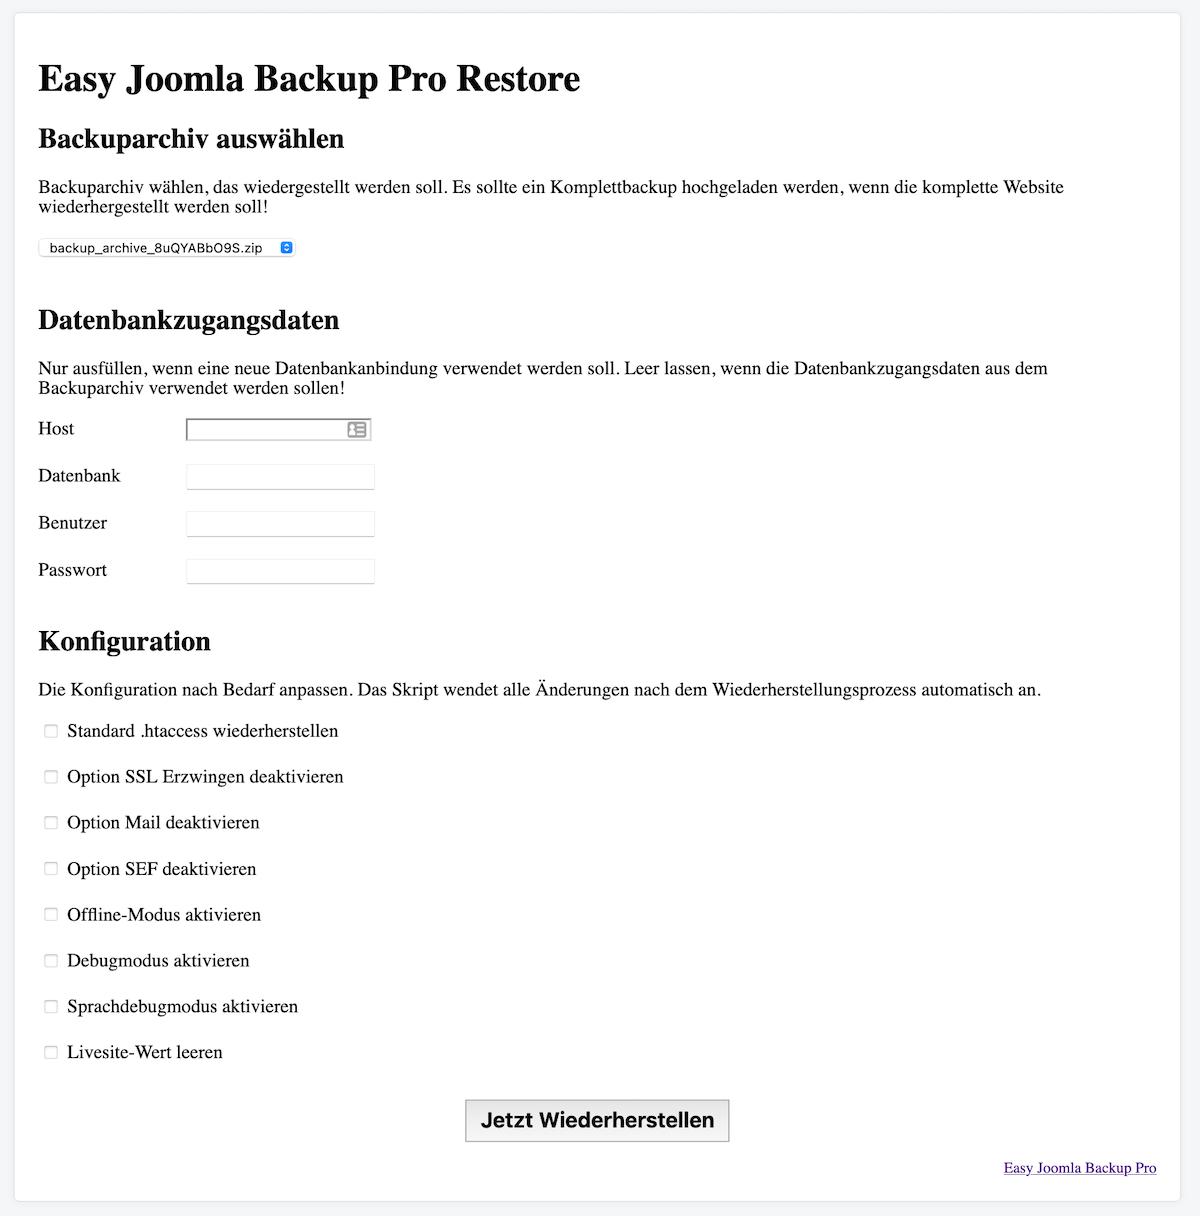 Easy Joomla Backup - Backup Wiederherstellungsskript